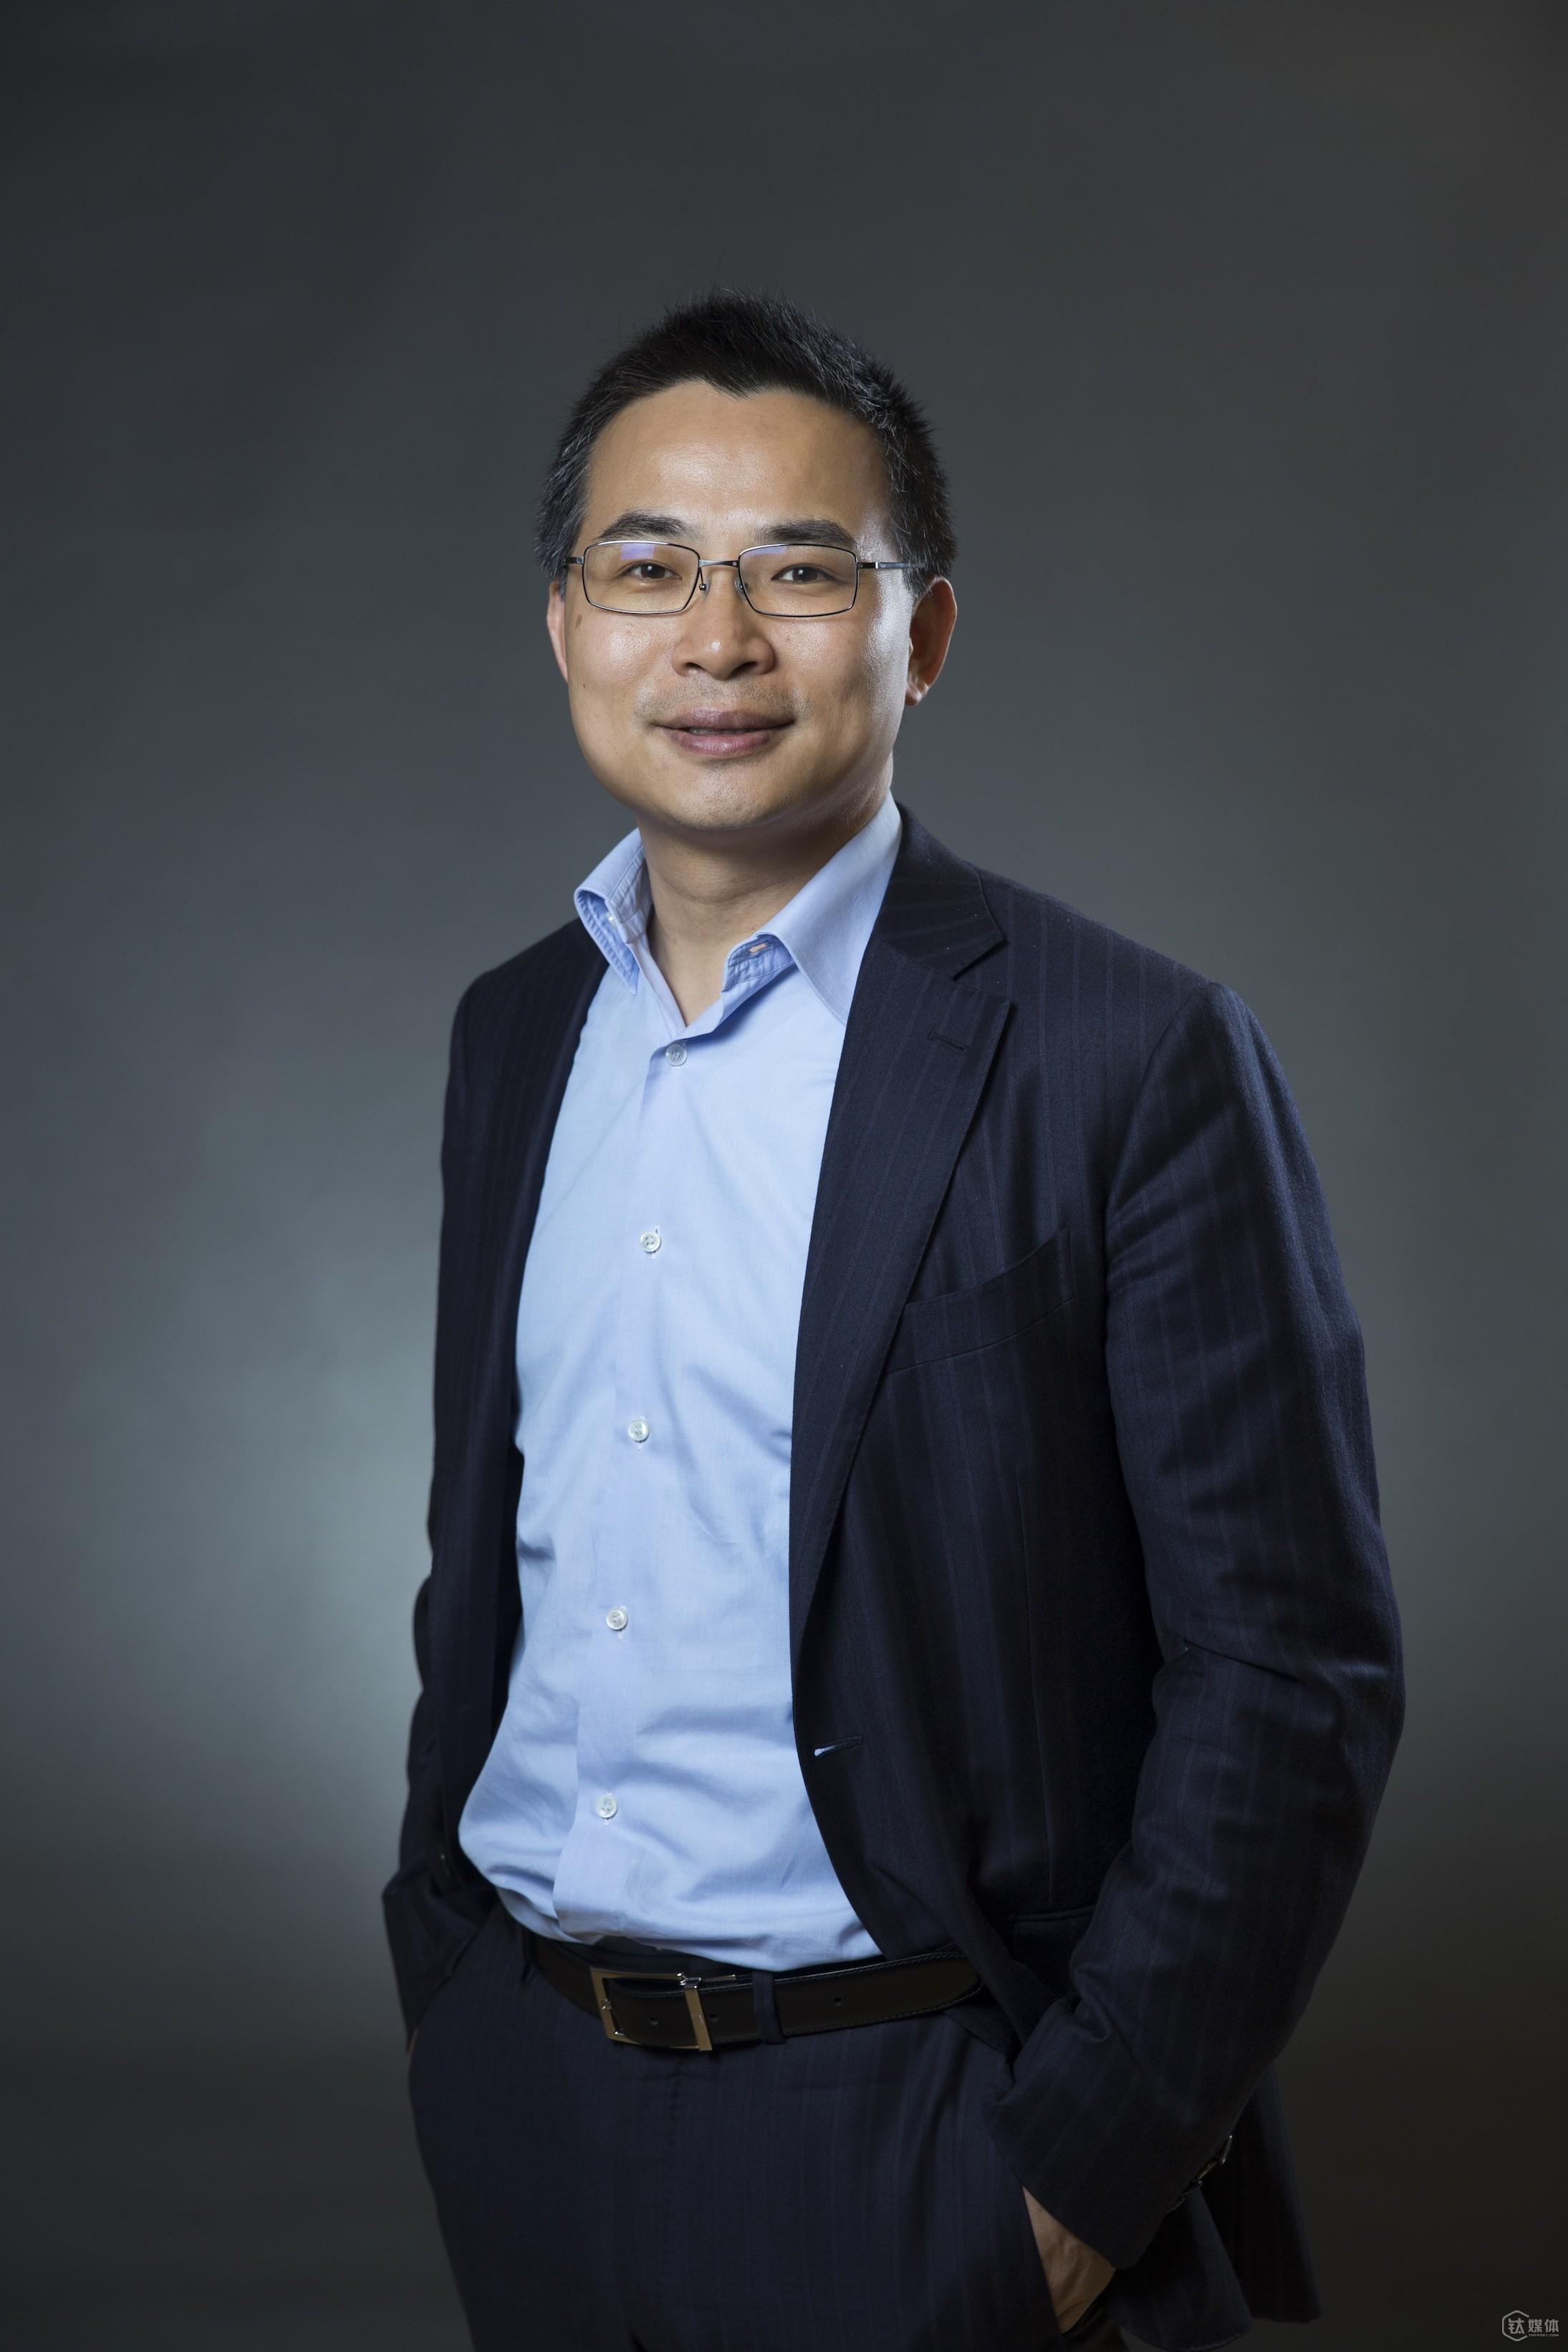 远景能源 CEO 张雷